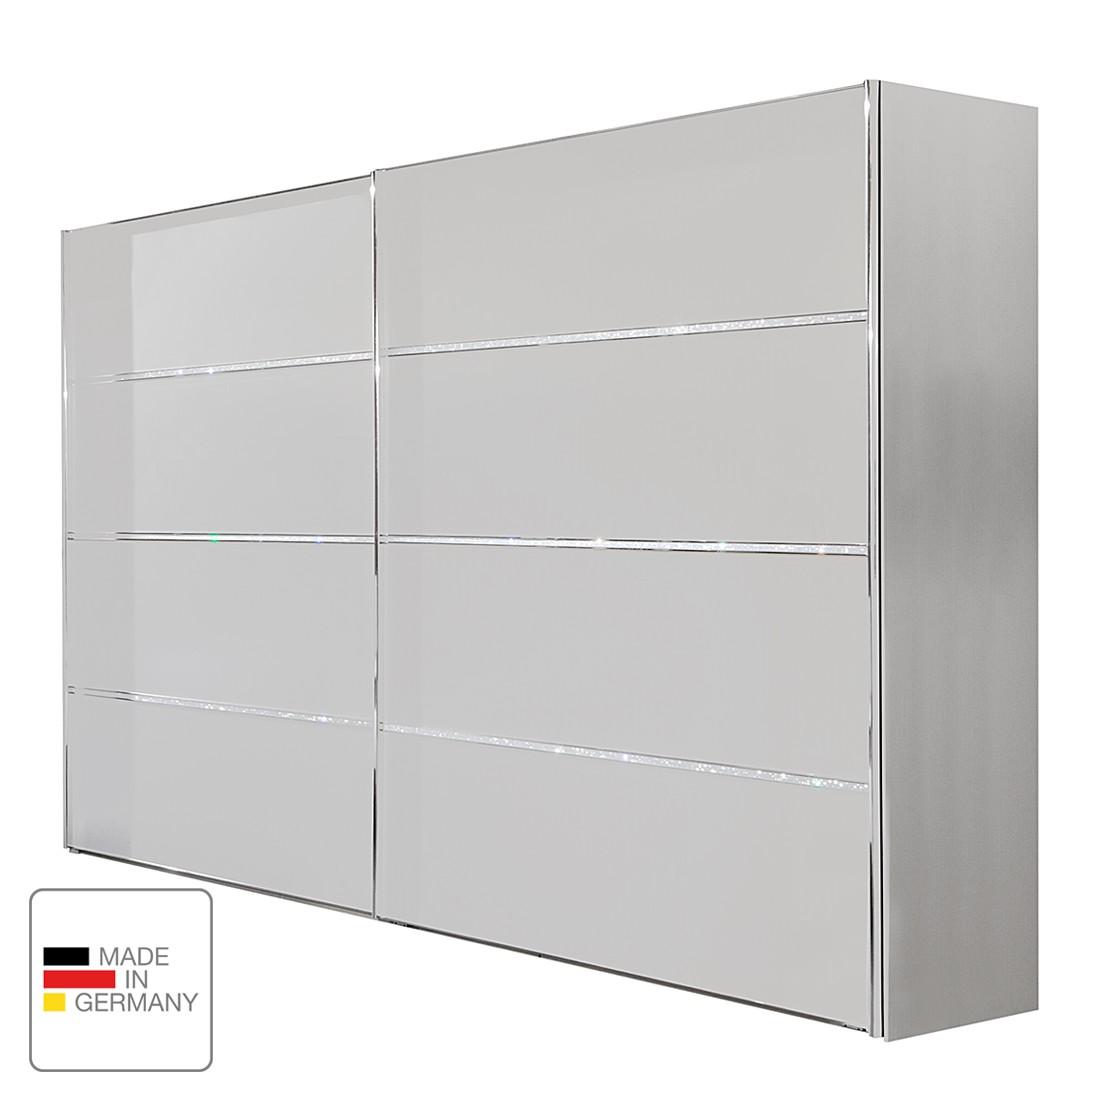 Armoire à portes coulissantes Dubai II - Blanc alpin - 200 cm (2 portes) - Sans cadre passepartout,